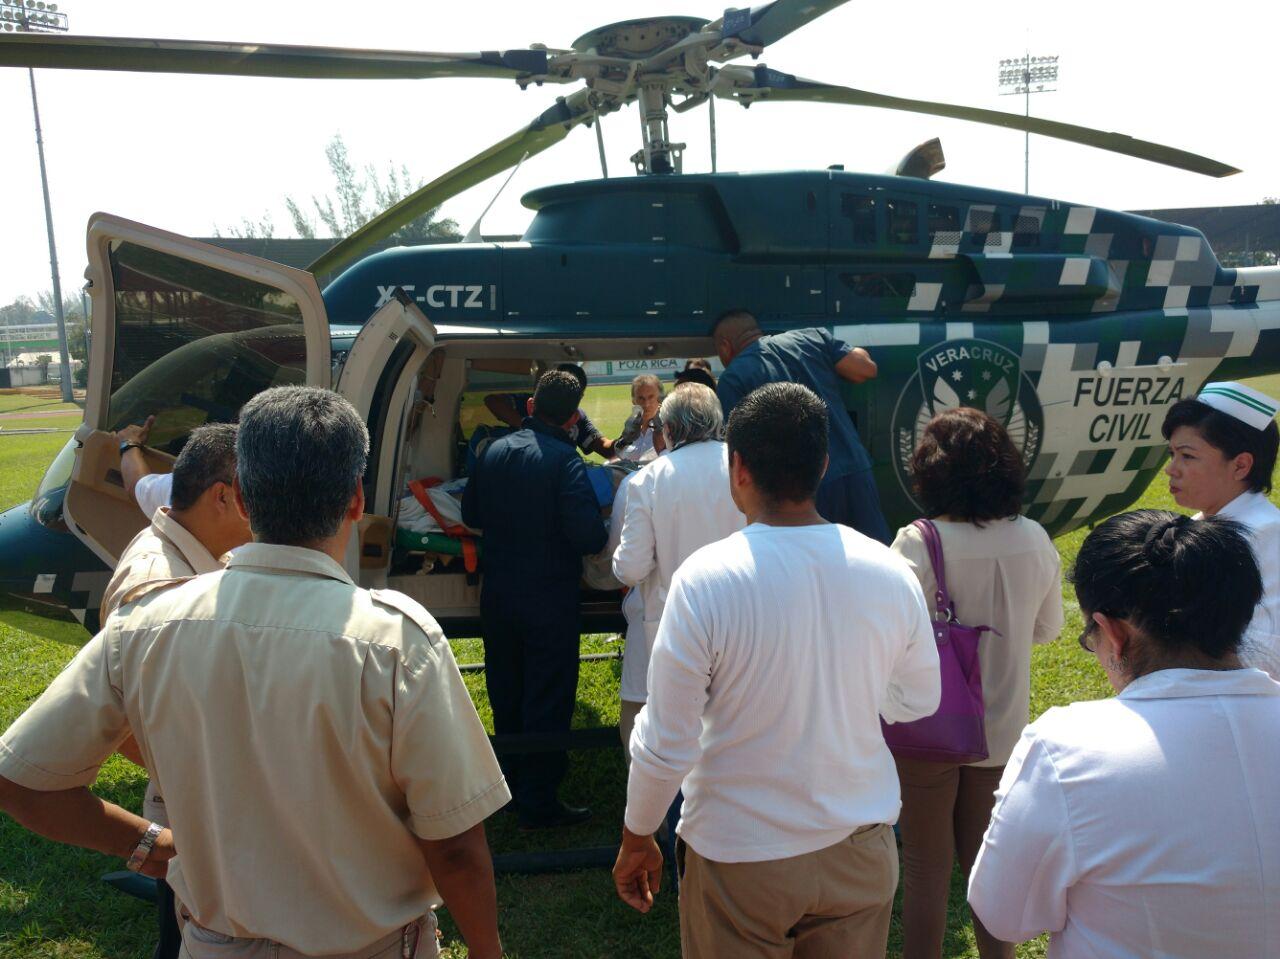 Periodista herido es trasladado a hospital del puerto de Veracruz